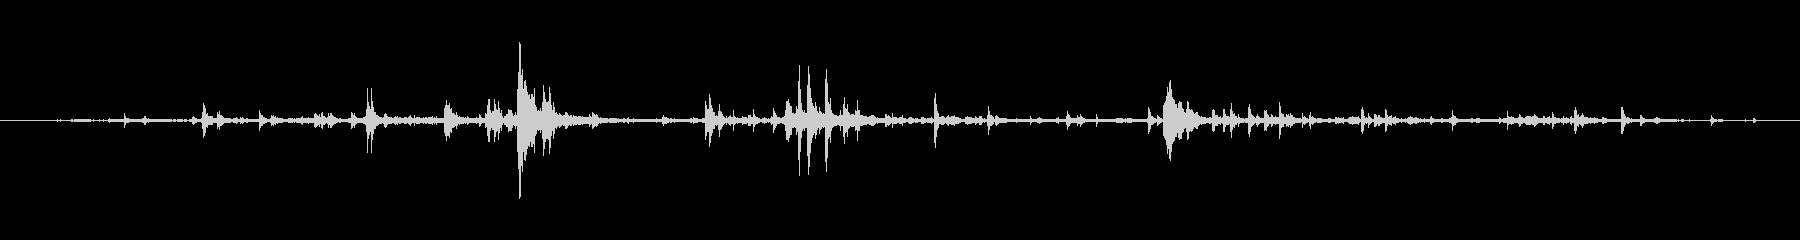 ハーネス ゲット・アップ04の未再生の波形